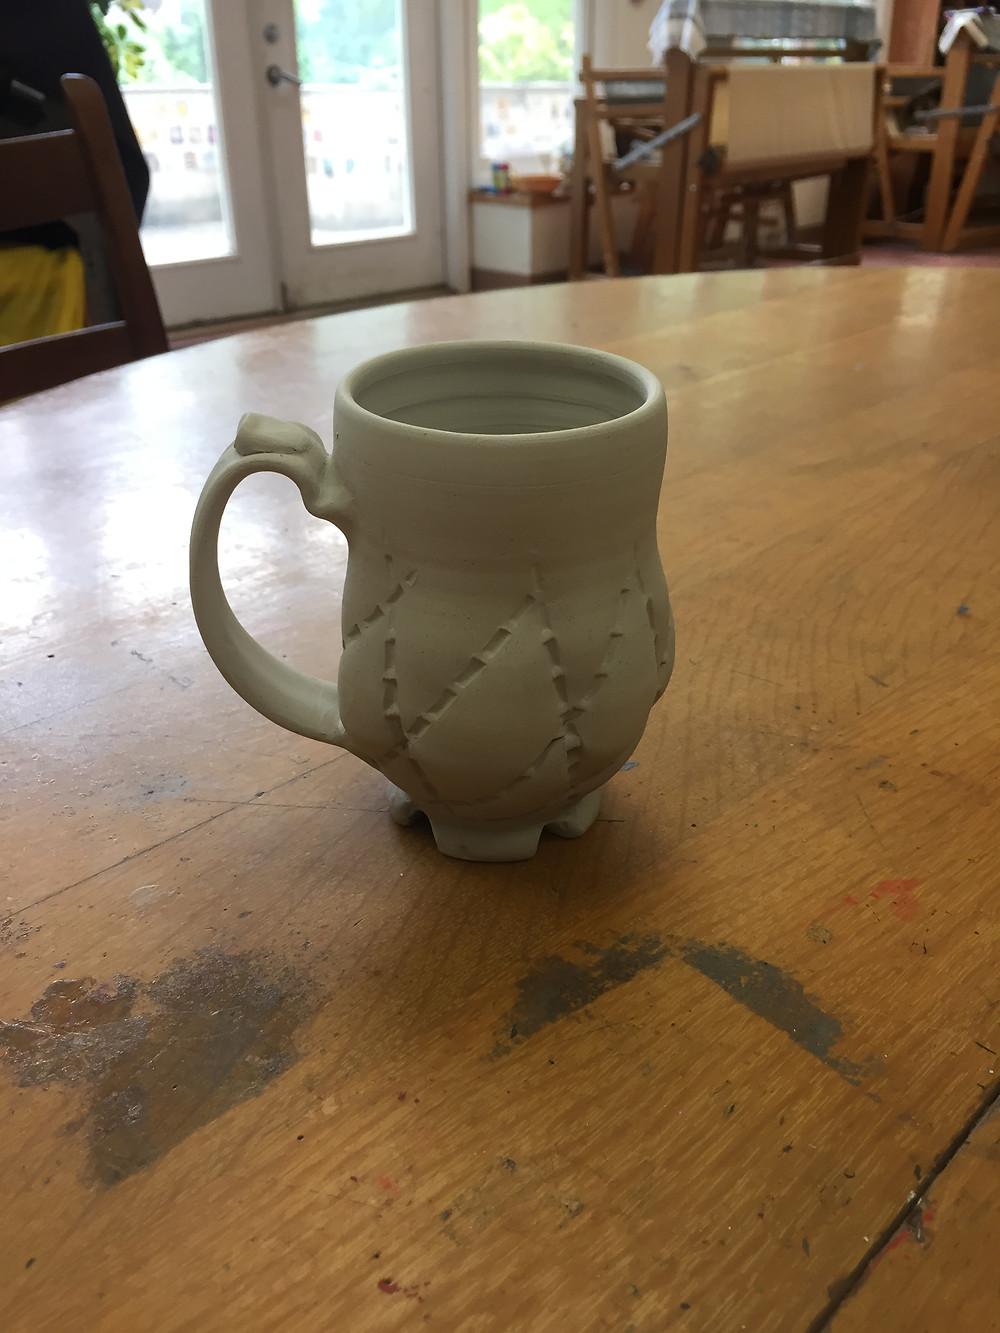 Quilt inspired mug.